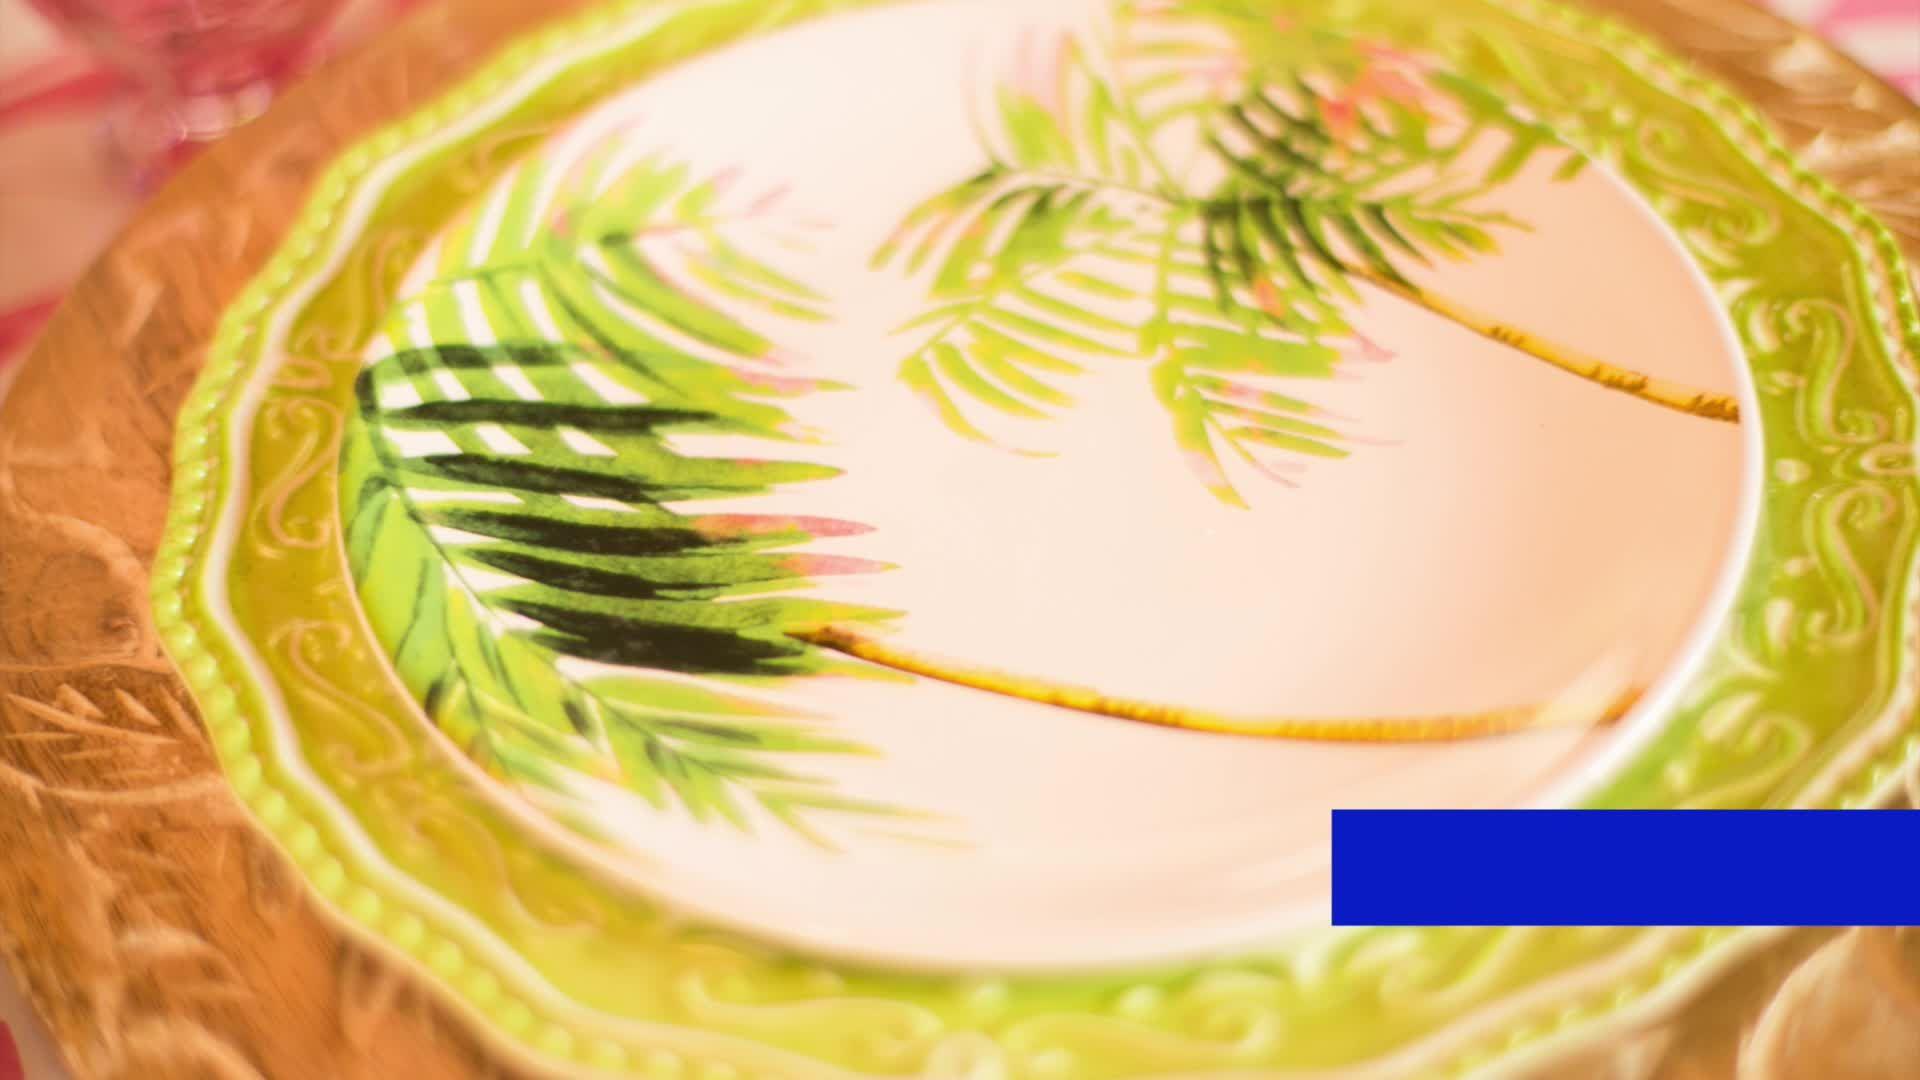 Darviny Table Tuesdays - Ep 2